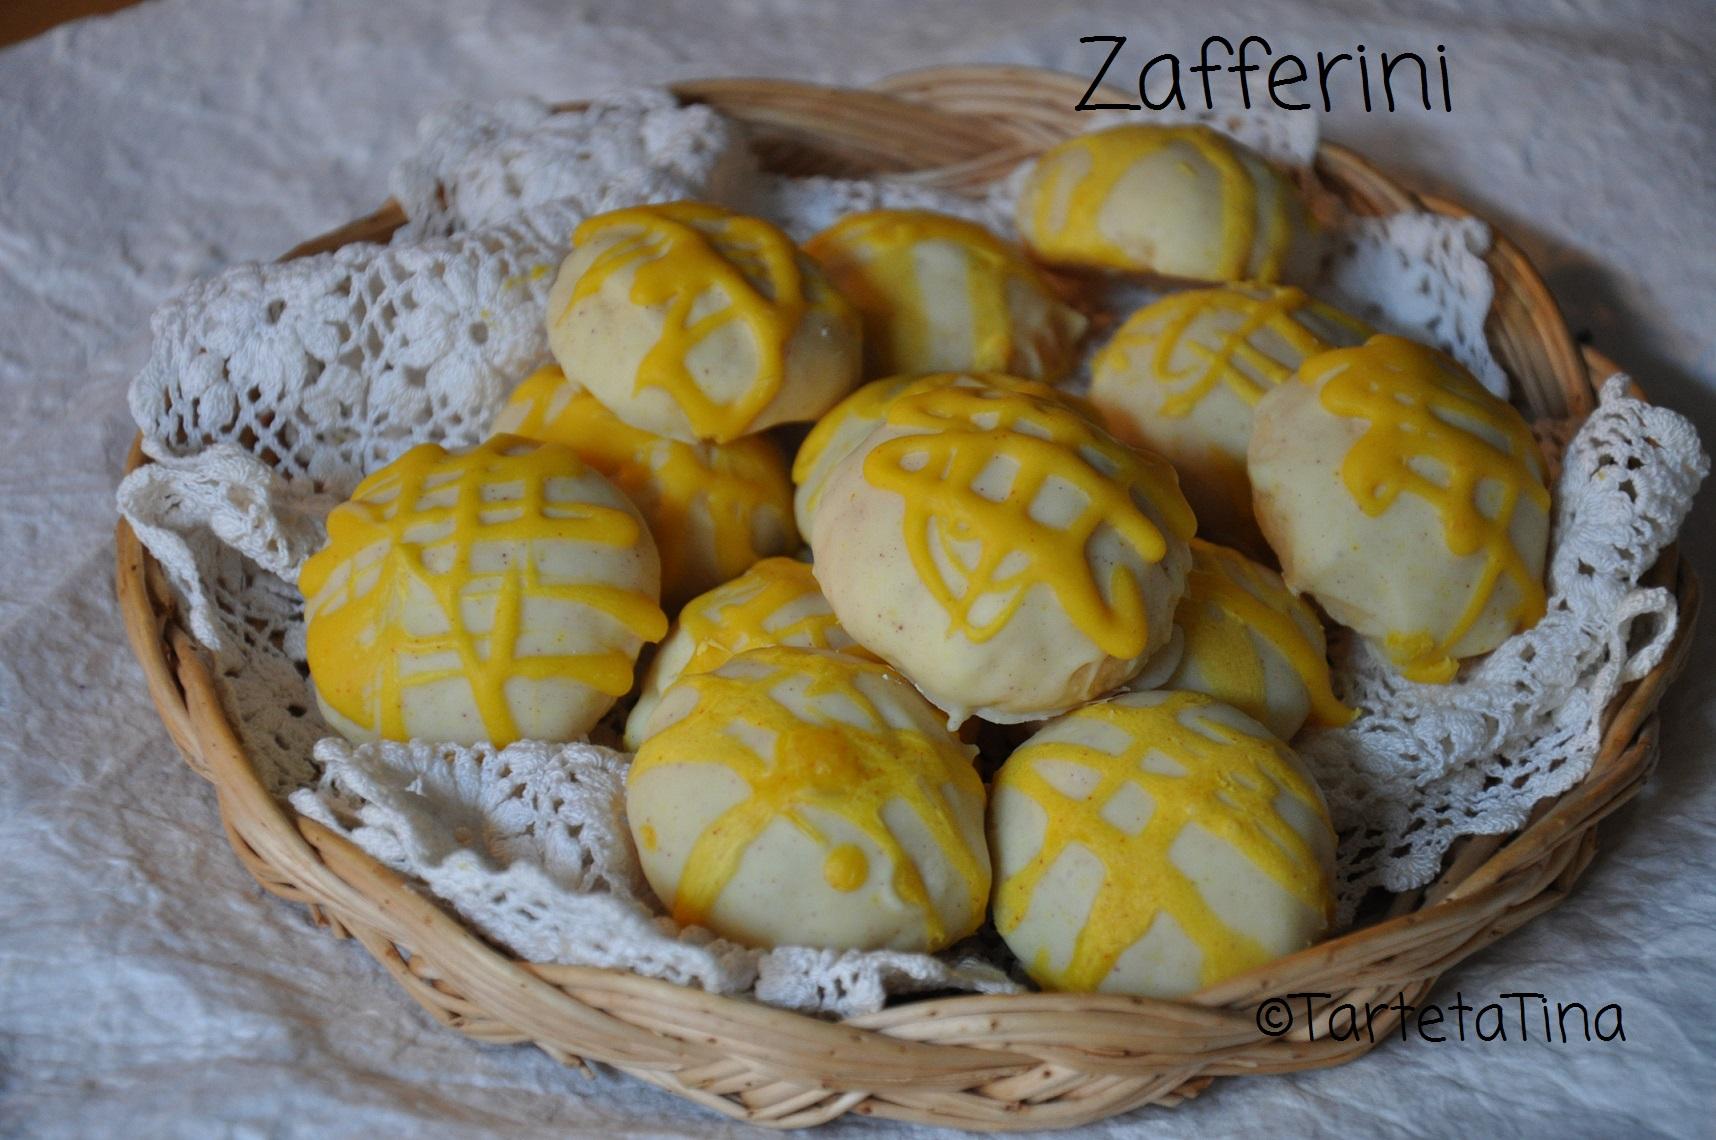 Zafferini – Biscotti all'arancio cioccolato e zafferano